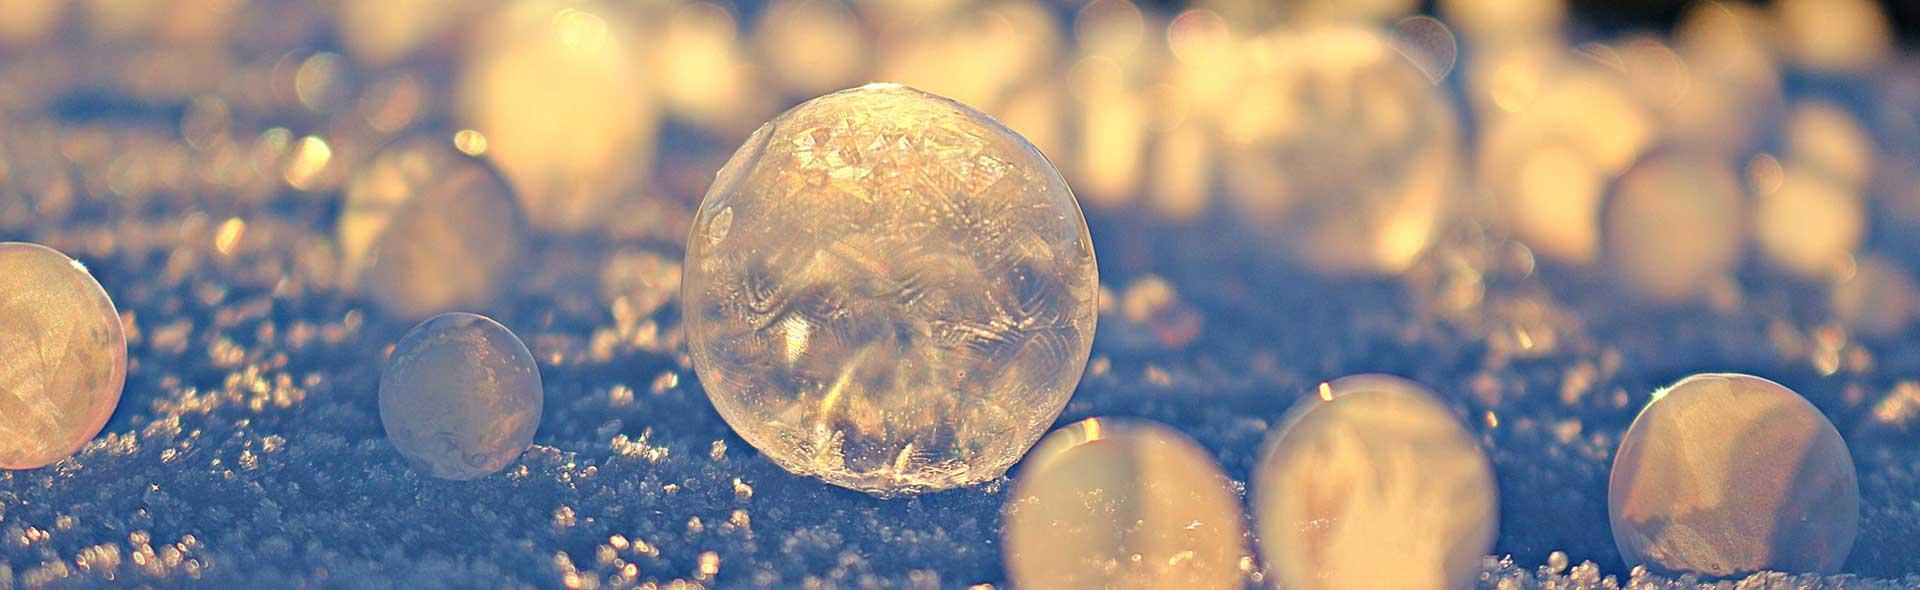 slider-bubbles